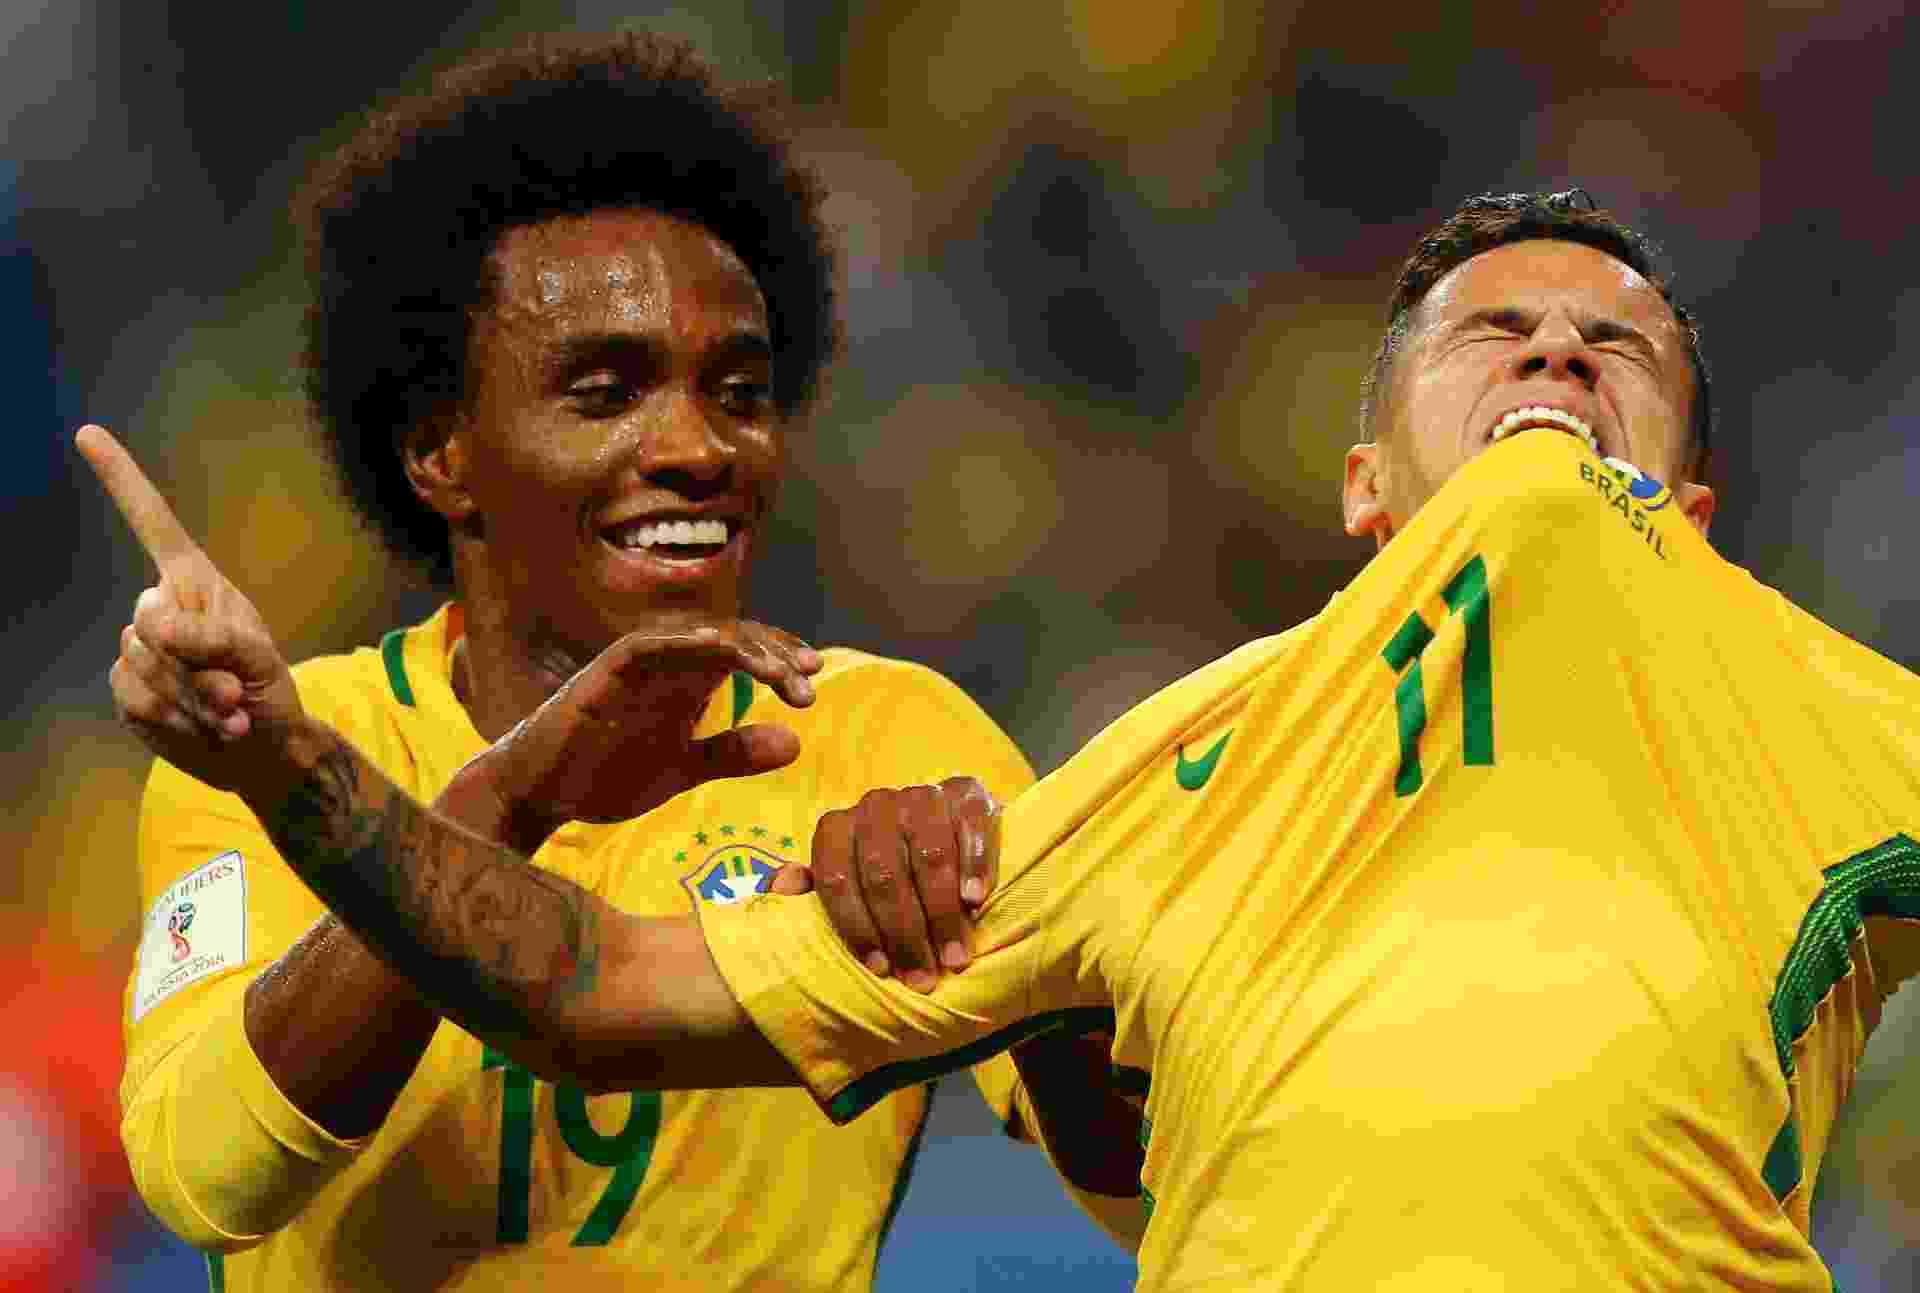 Philippe Coutinho comemora golaço da seleção contra o Equador - Pilar Olivares/Reuters